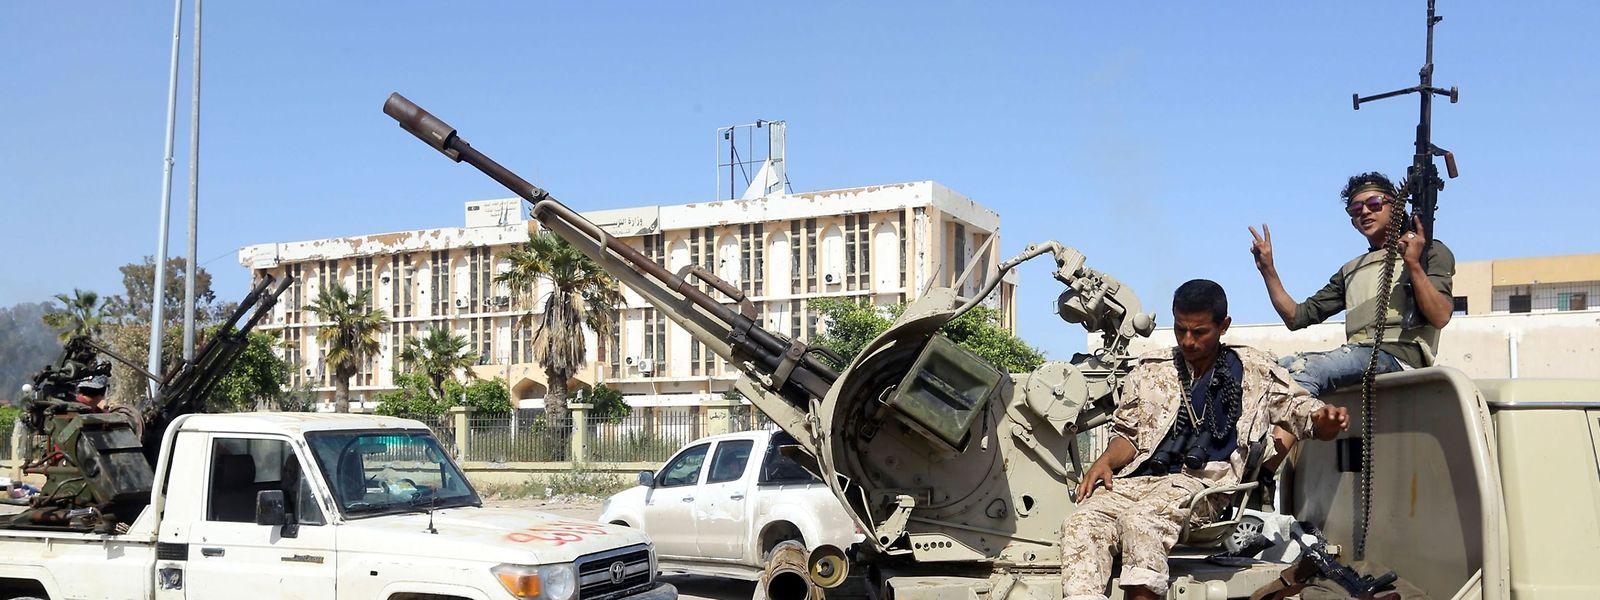 Regierungstreue Truppen in der Nähe von Tripolis